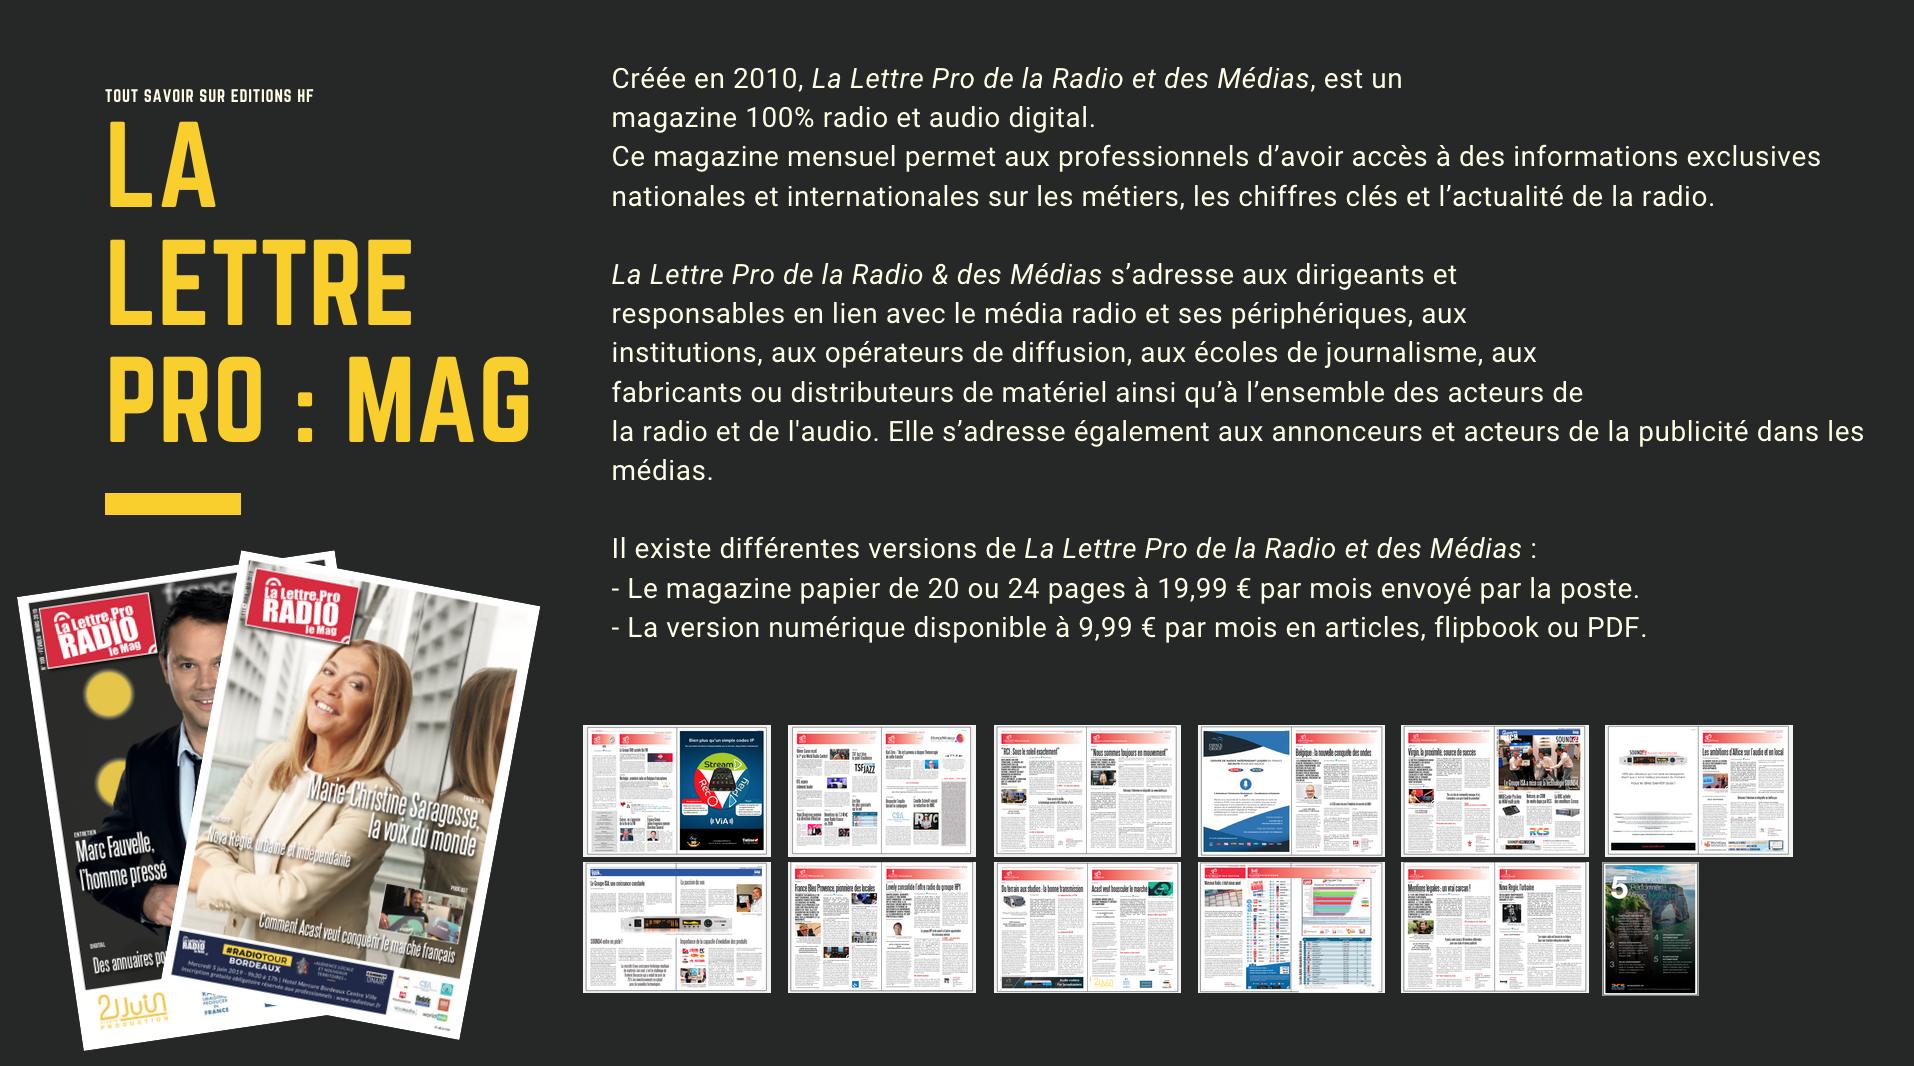 La Lettre Pro de la Radio et des Médias - Le MAGAZINE